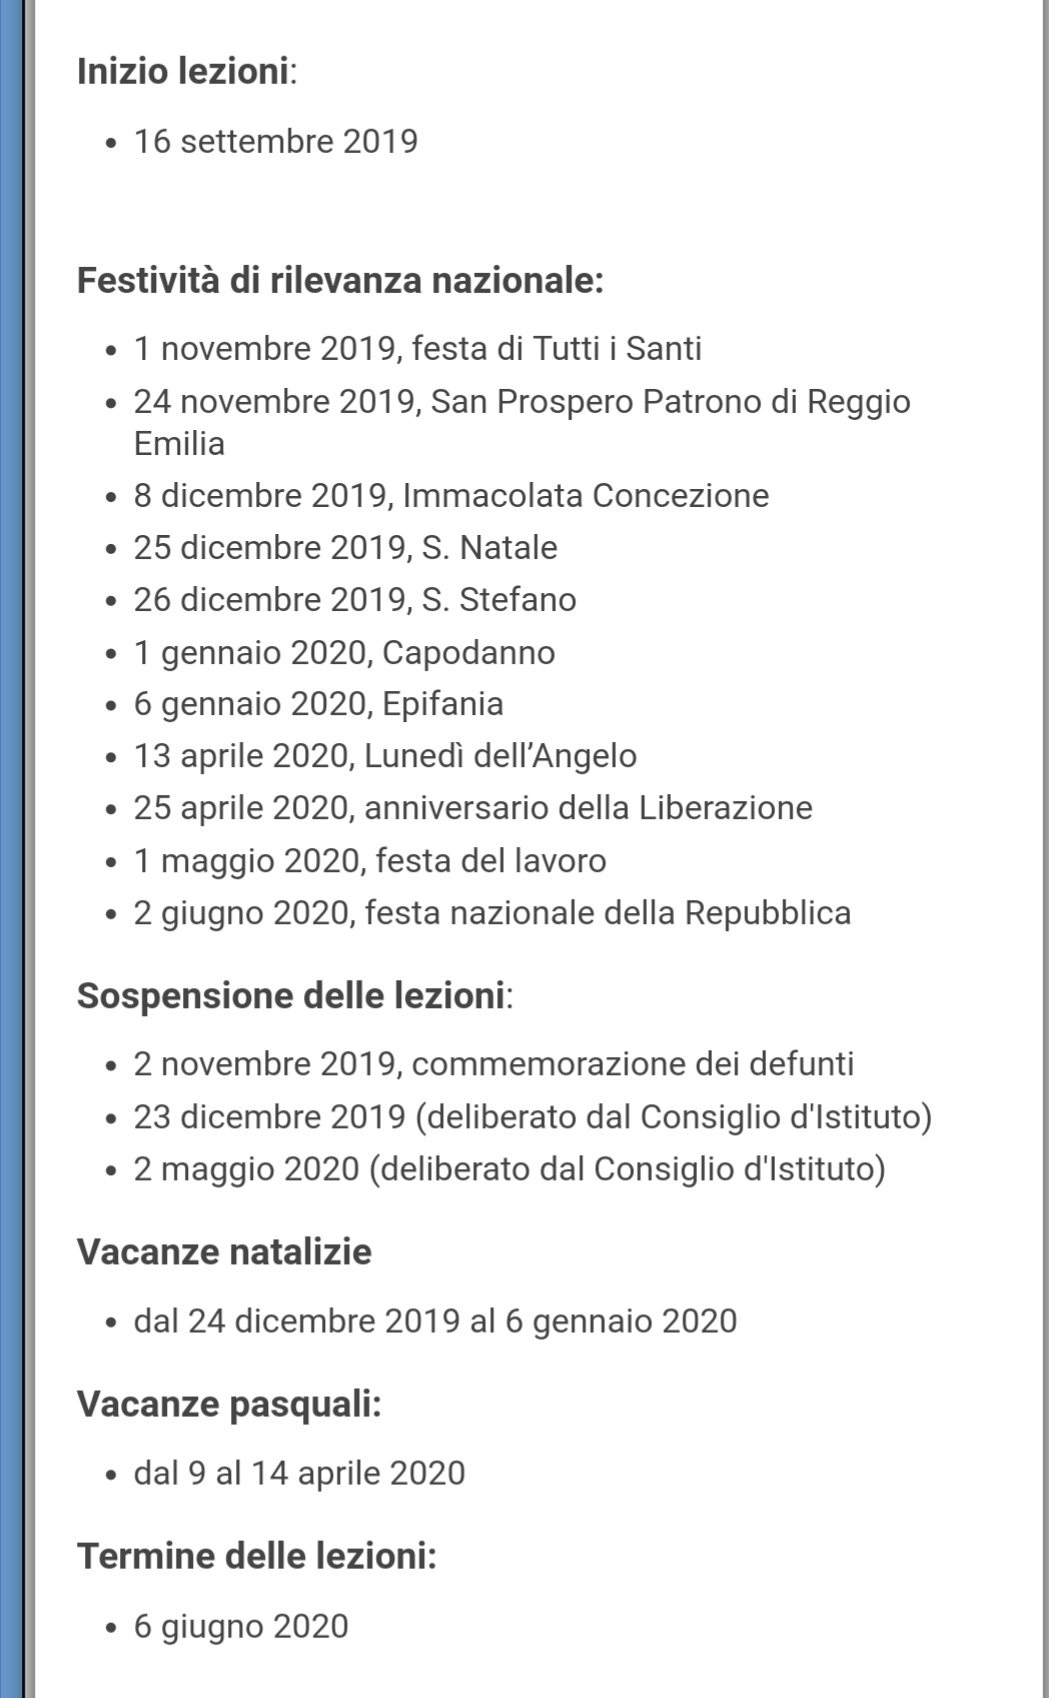 Calendario Da Settembre 2019 A Giugno 2020.Calendario 2019 2020